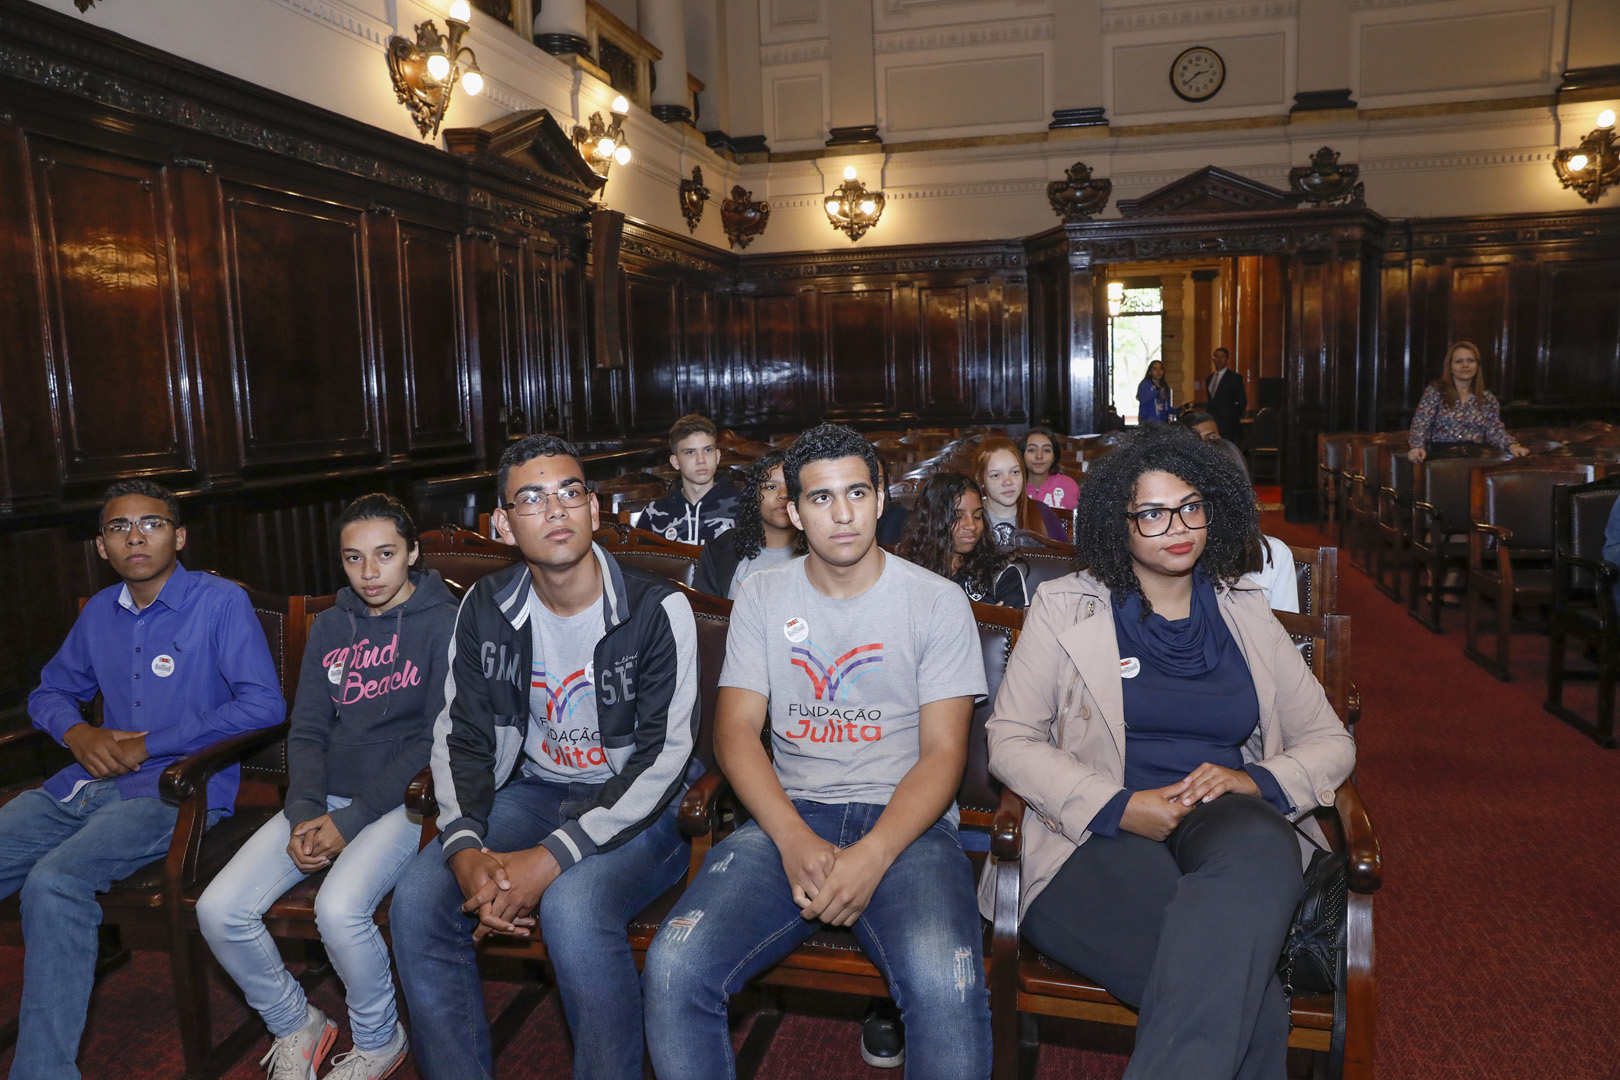 Jovens da Fundação Julita participam de visita monitorada no Palácio da Justiça